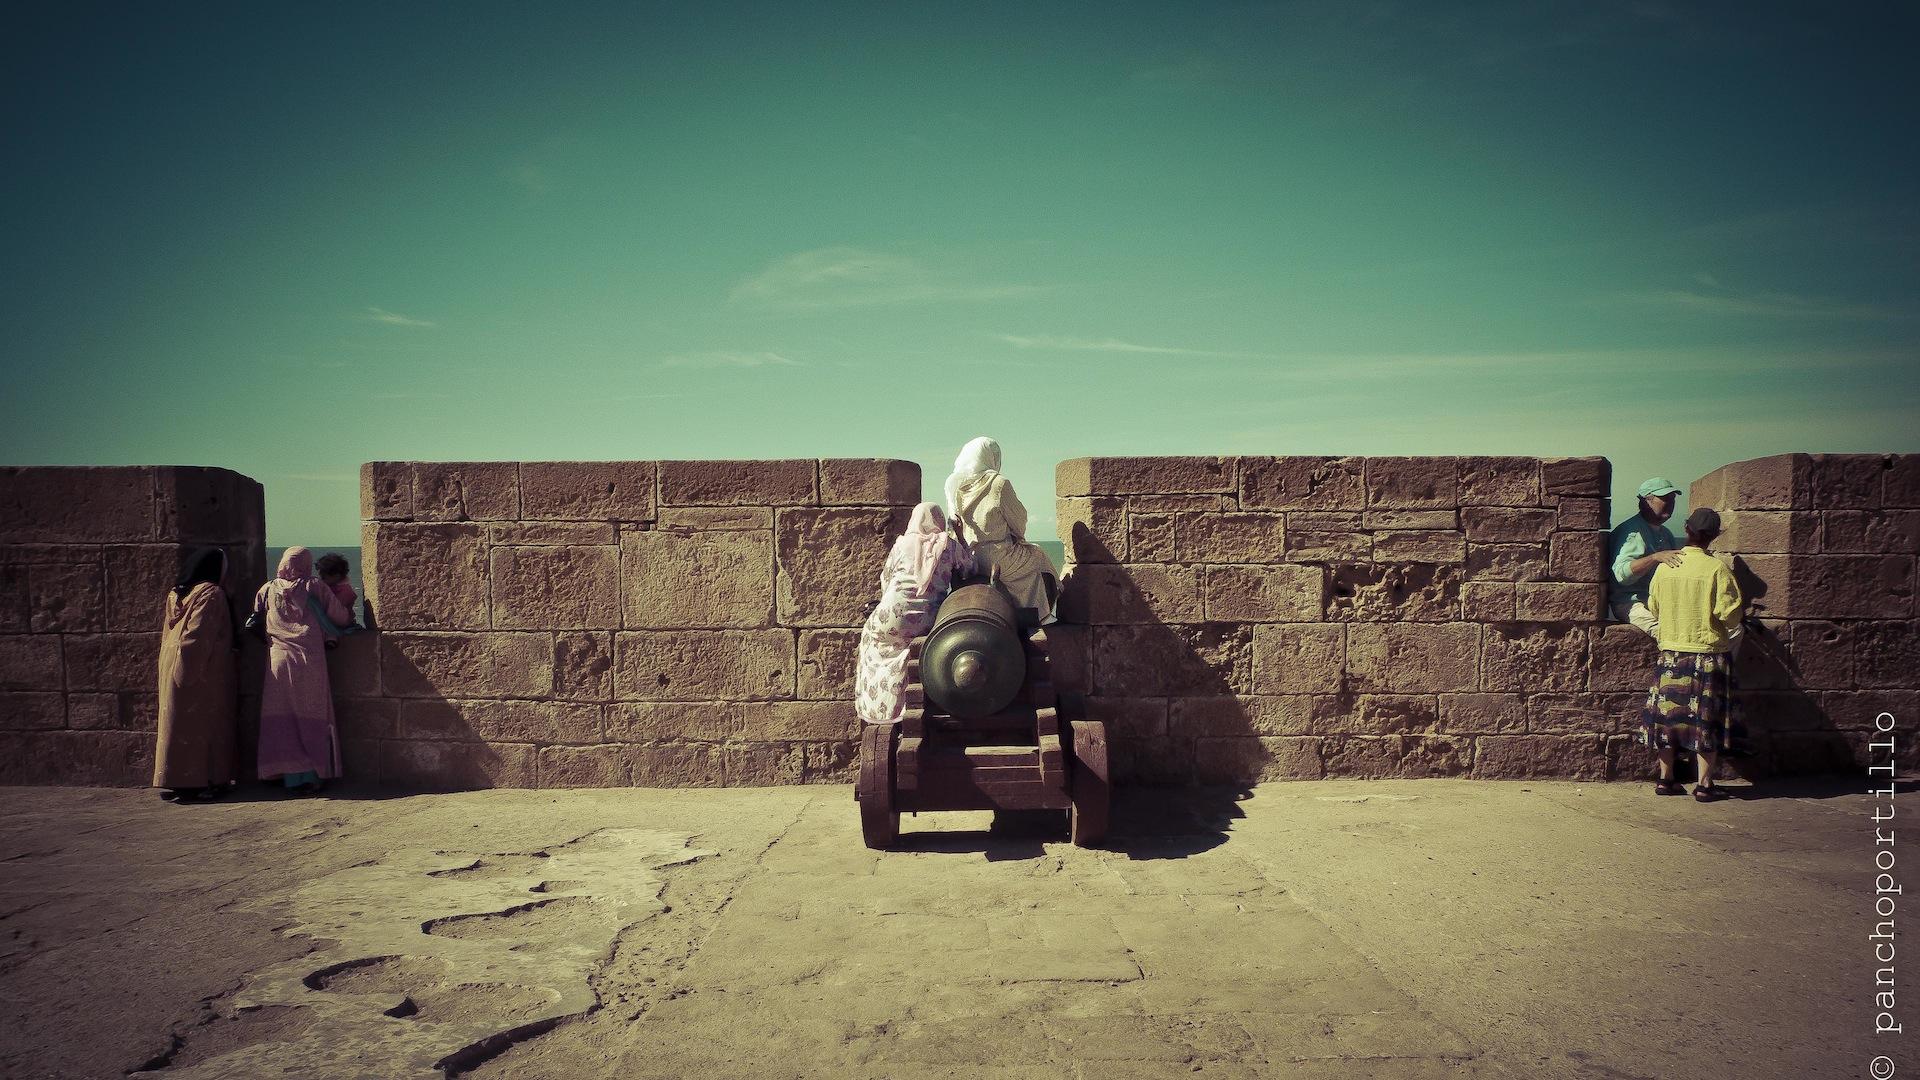 Essaouira-44-L1060188